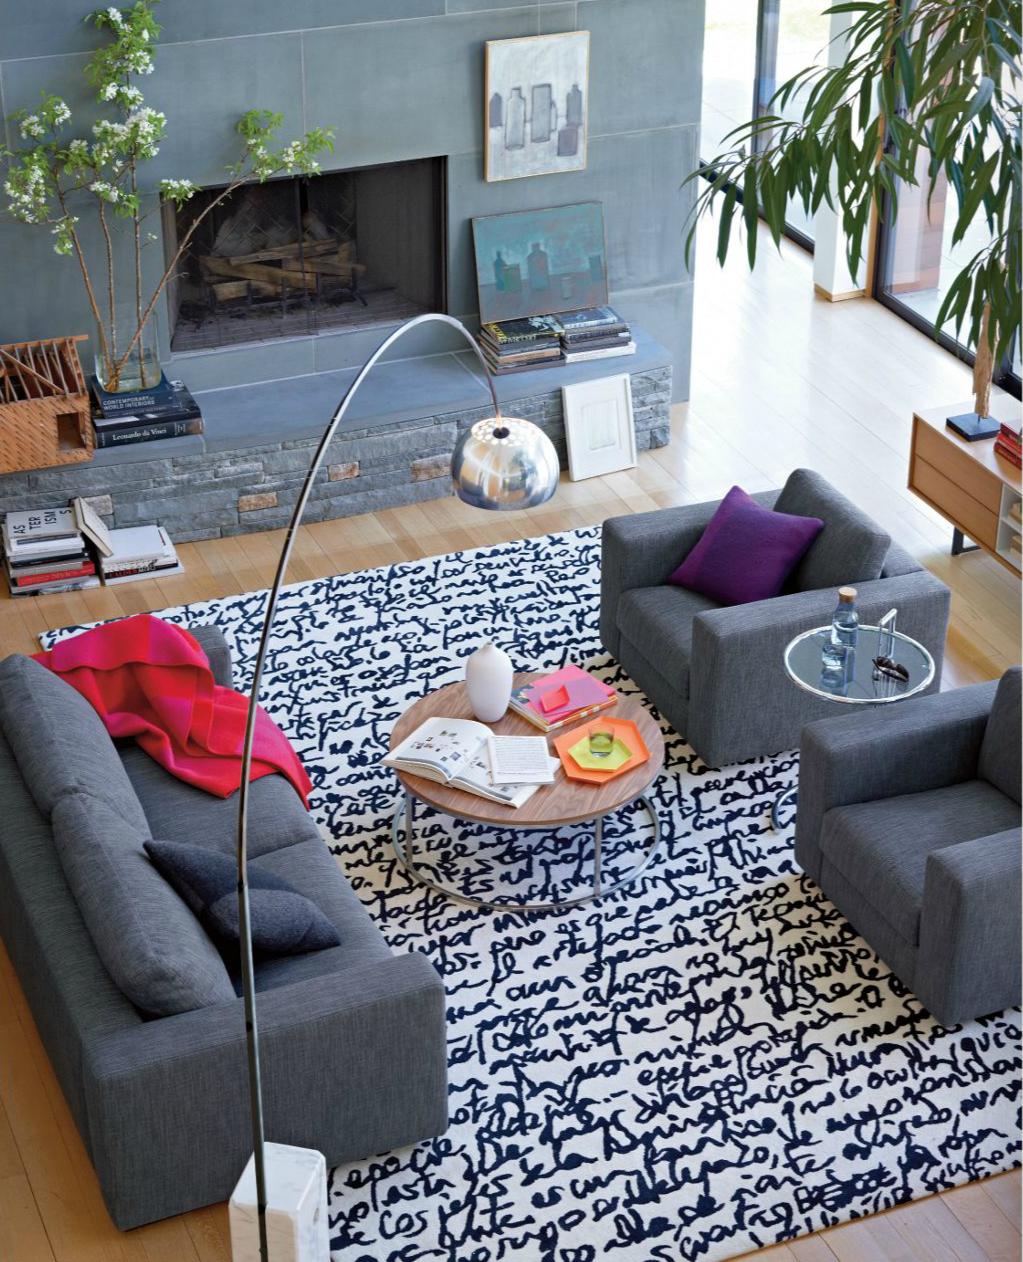 die besten 25 wohnungsplanung ideen auf pinterest moderne wohnungen kleine wohnung design. Black Bedroom Furniture Sets. Home Design Ideas